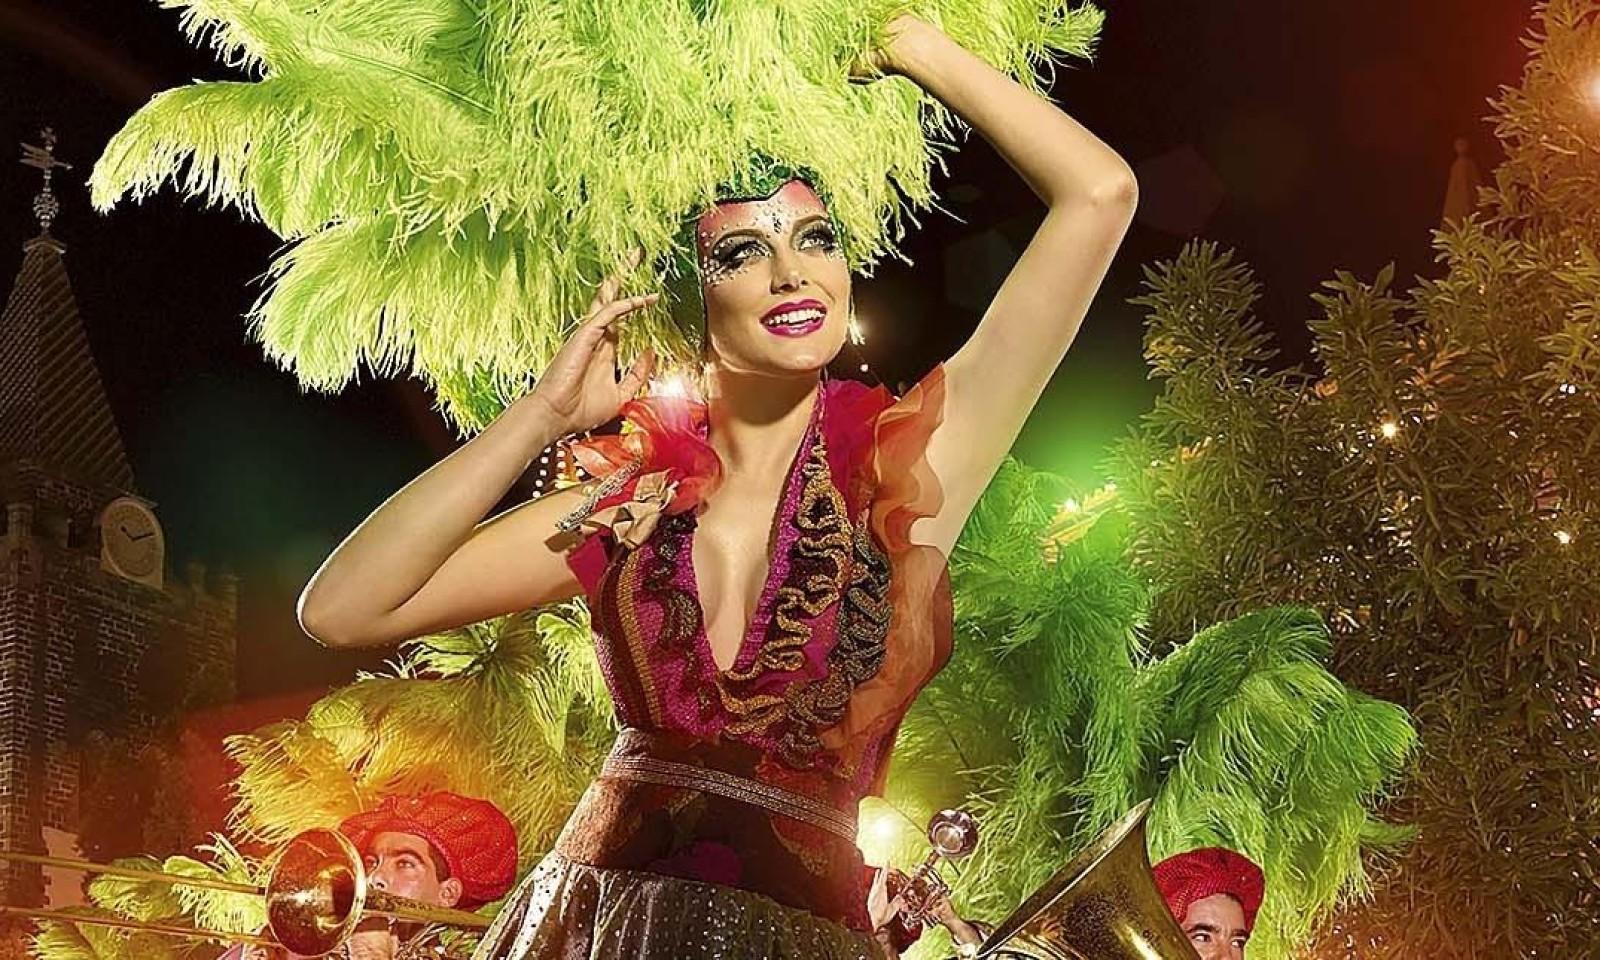 Próximo destino: o Carnaval da Madeira, claro!